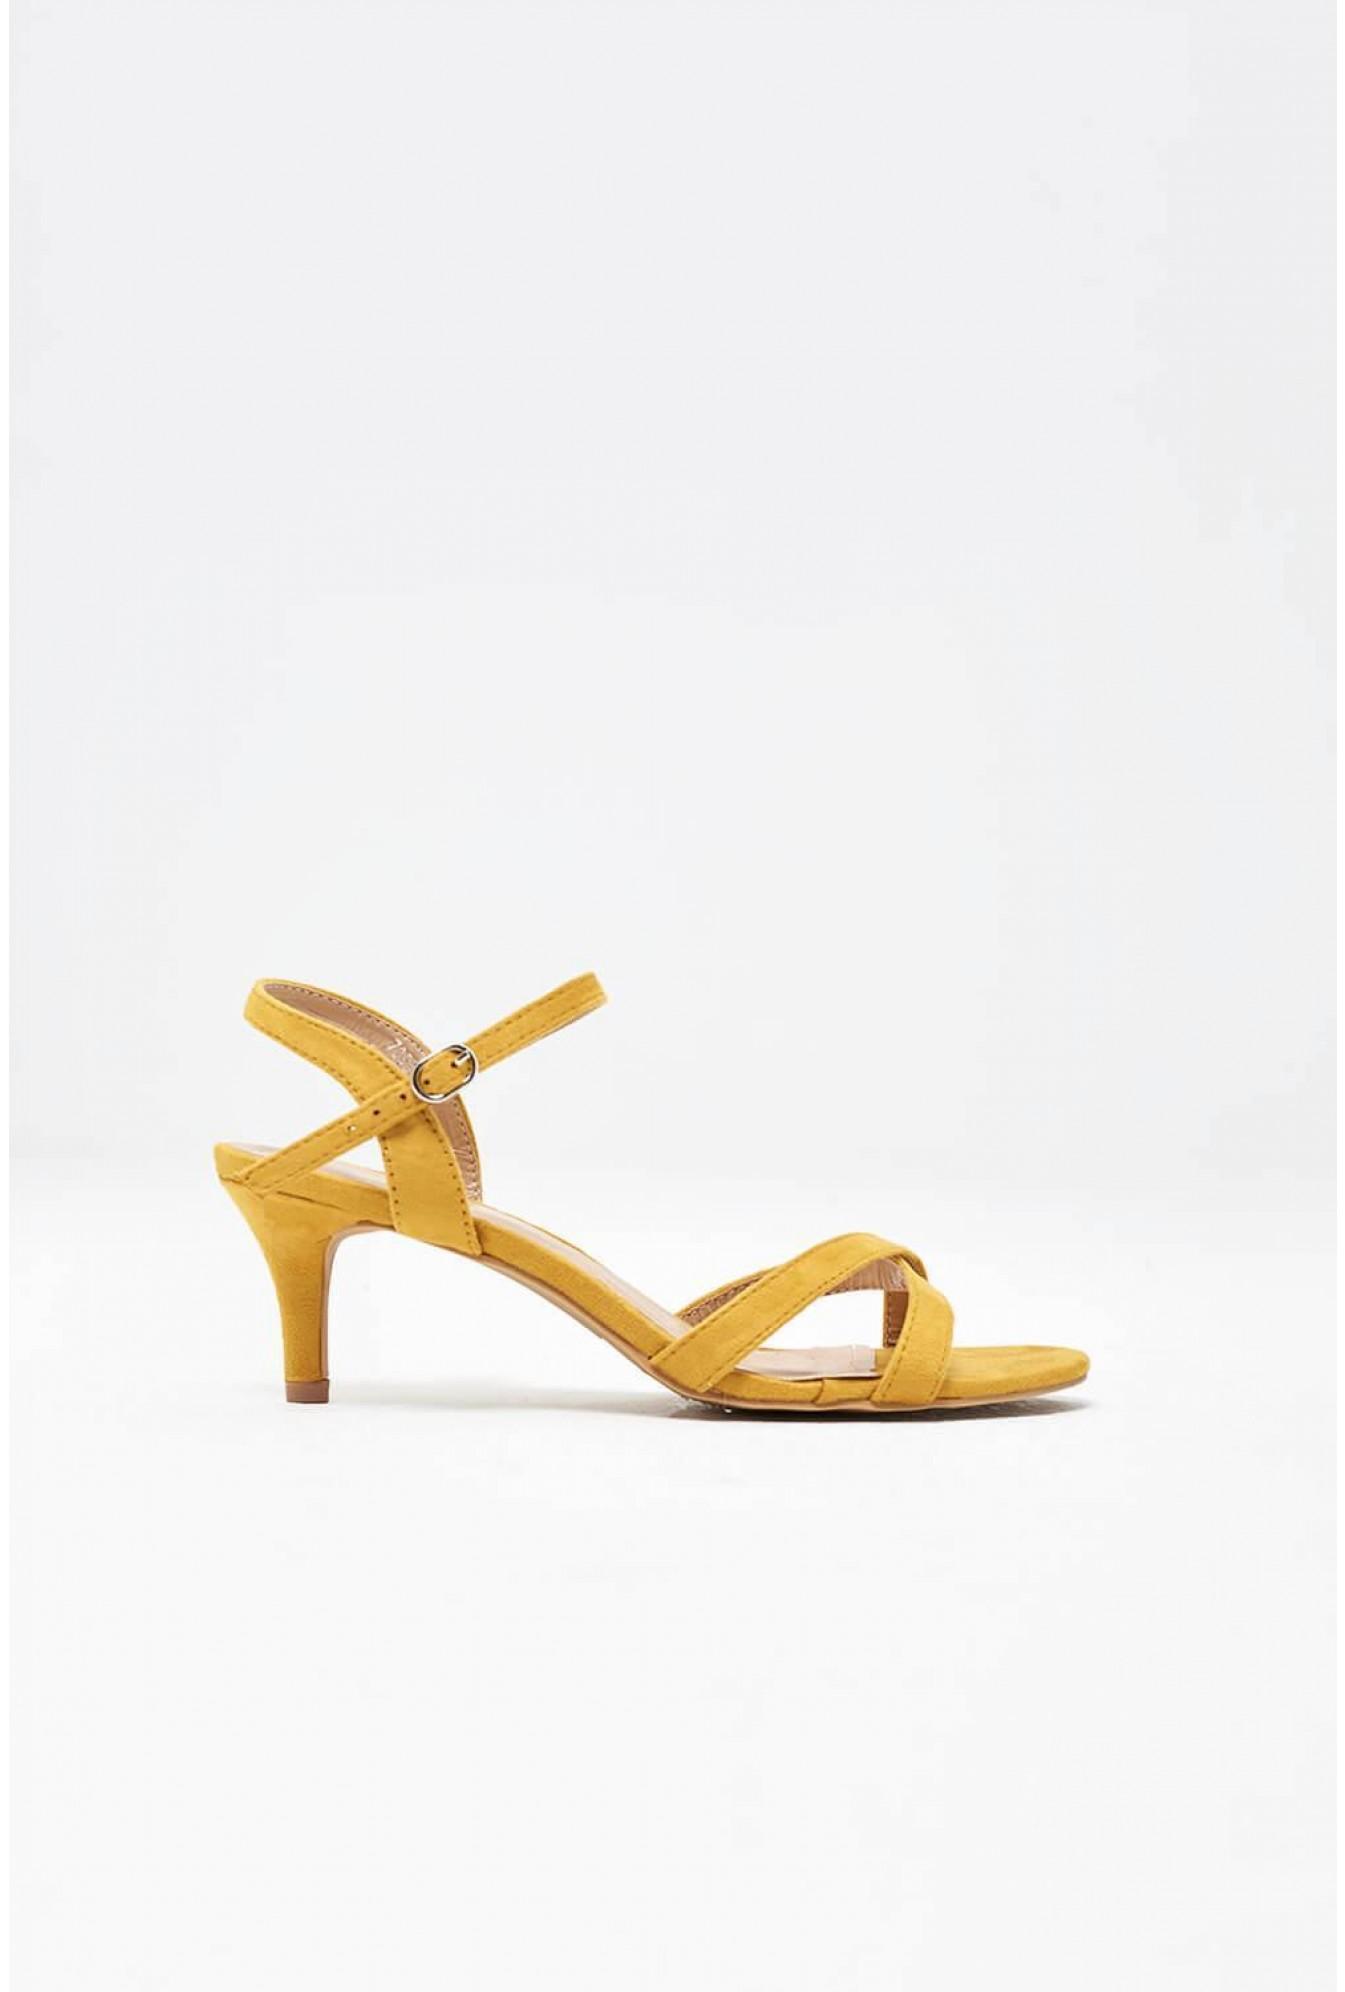 No Doubt Kitten Heel Sandals in Yellow